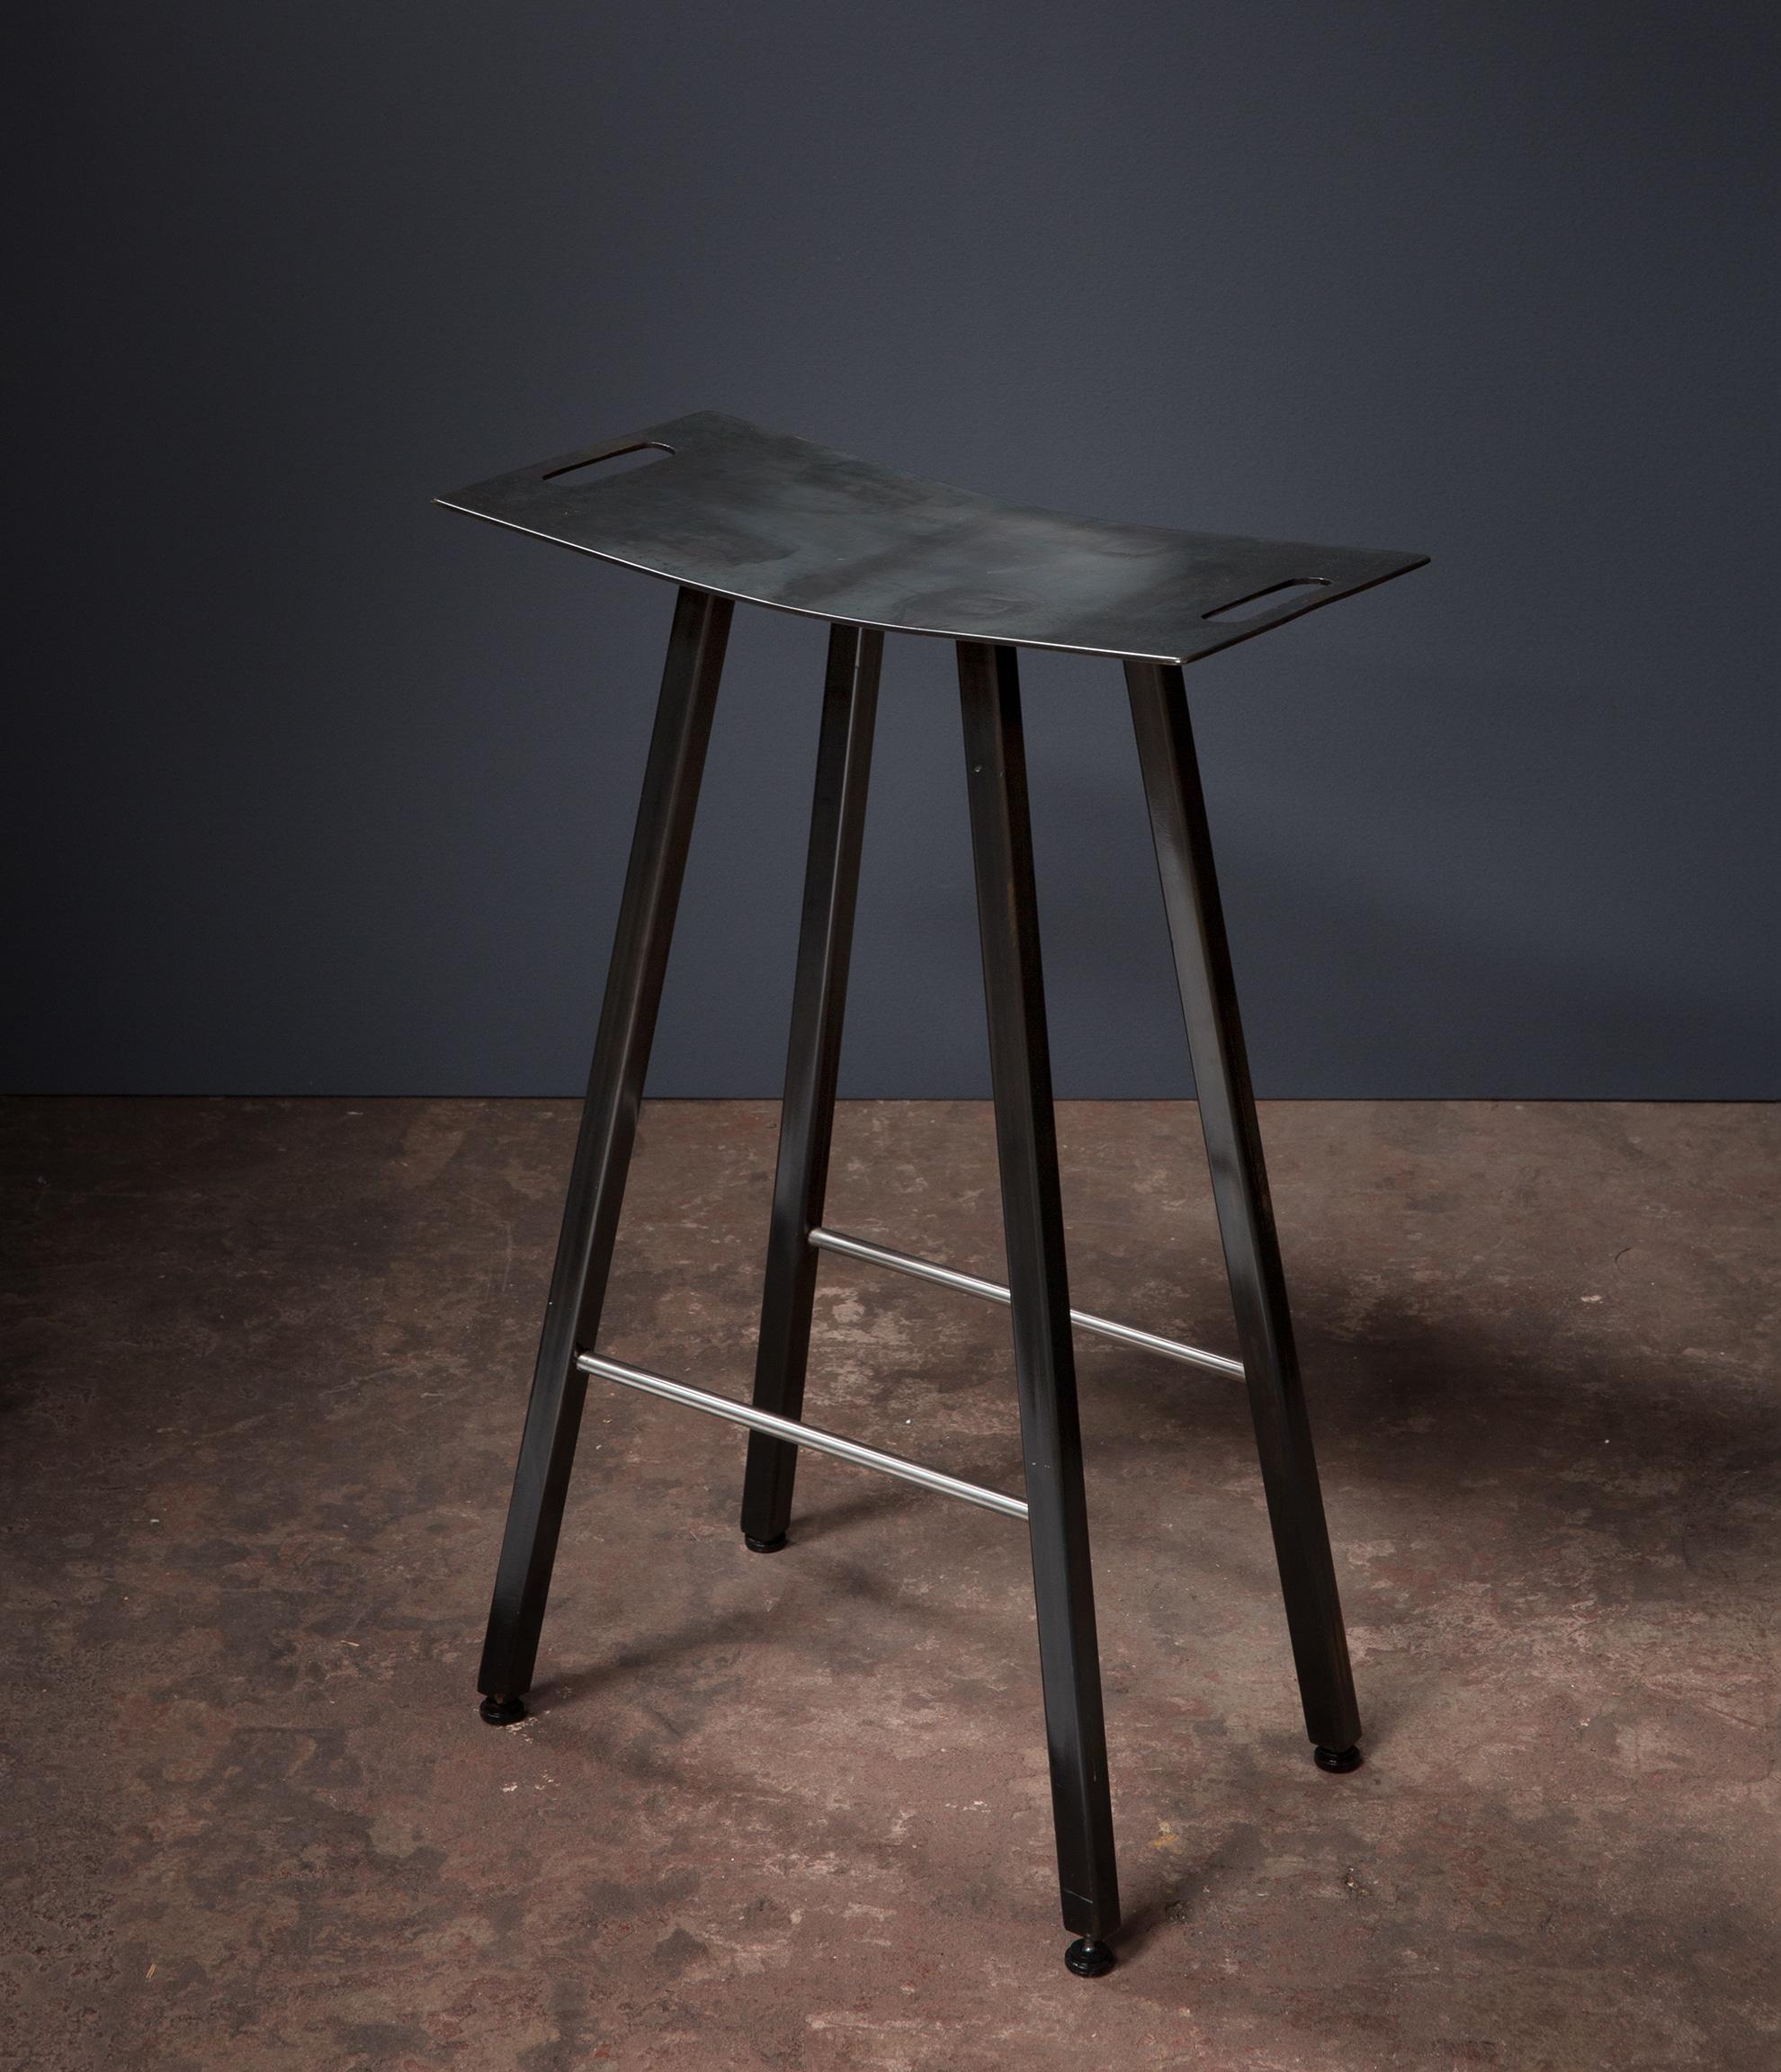 stool, metal stool, bar stool, desk, wood, metalwork, metal work, metal fabrication, bay area metalworker